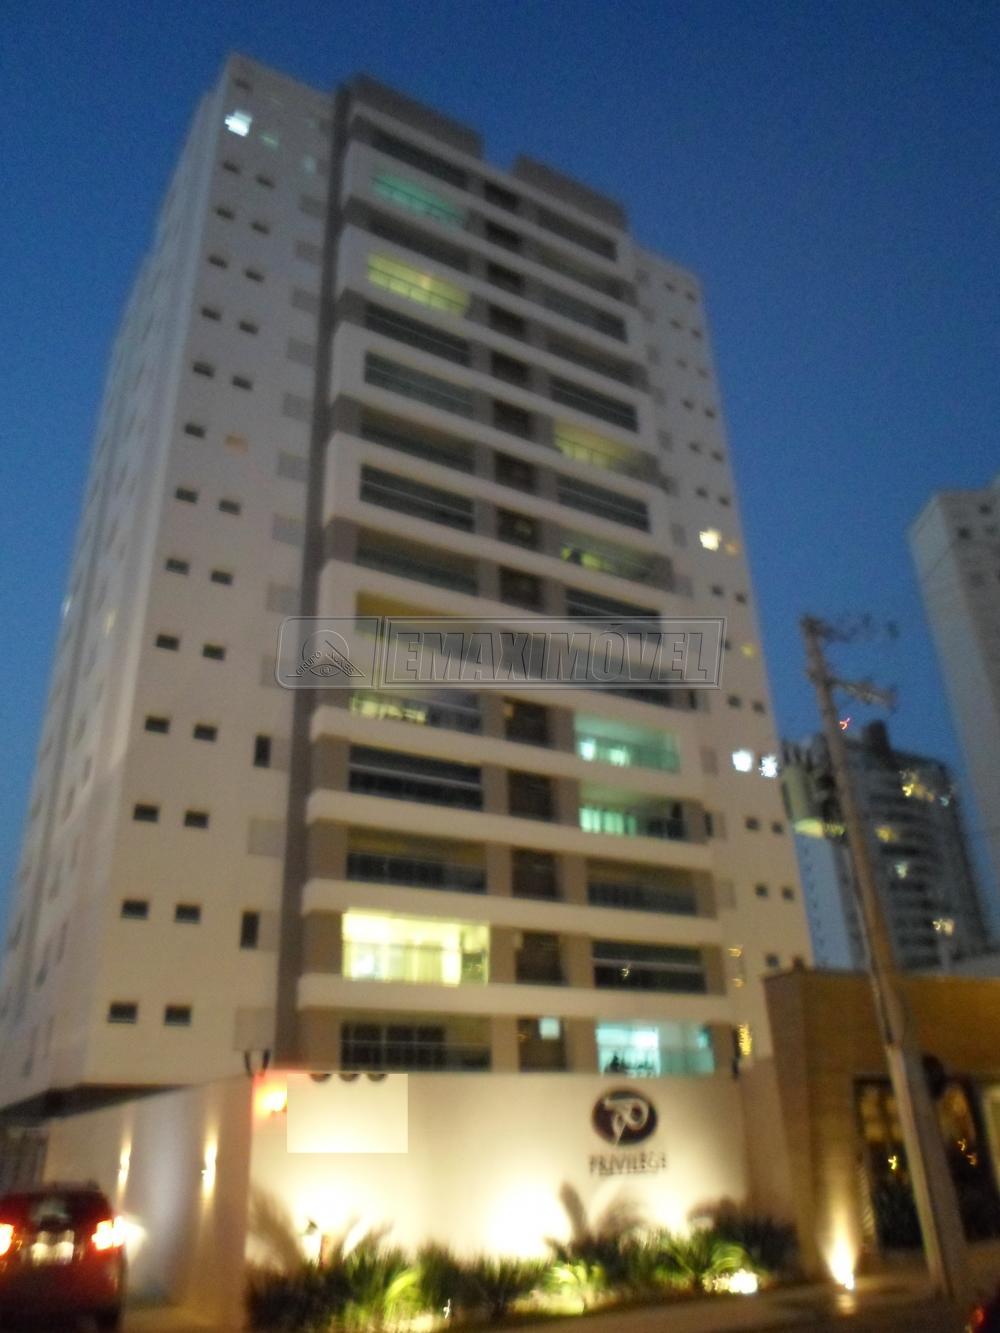 Comprar Apartamentos / Apto Padrão em Sorocaba apenas R$ 930.000,00 - Foto 23